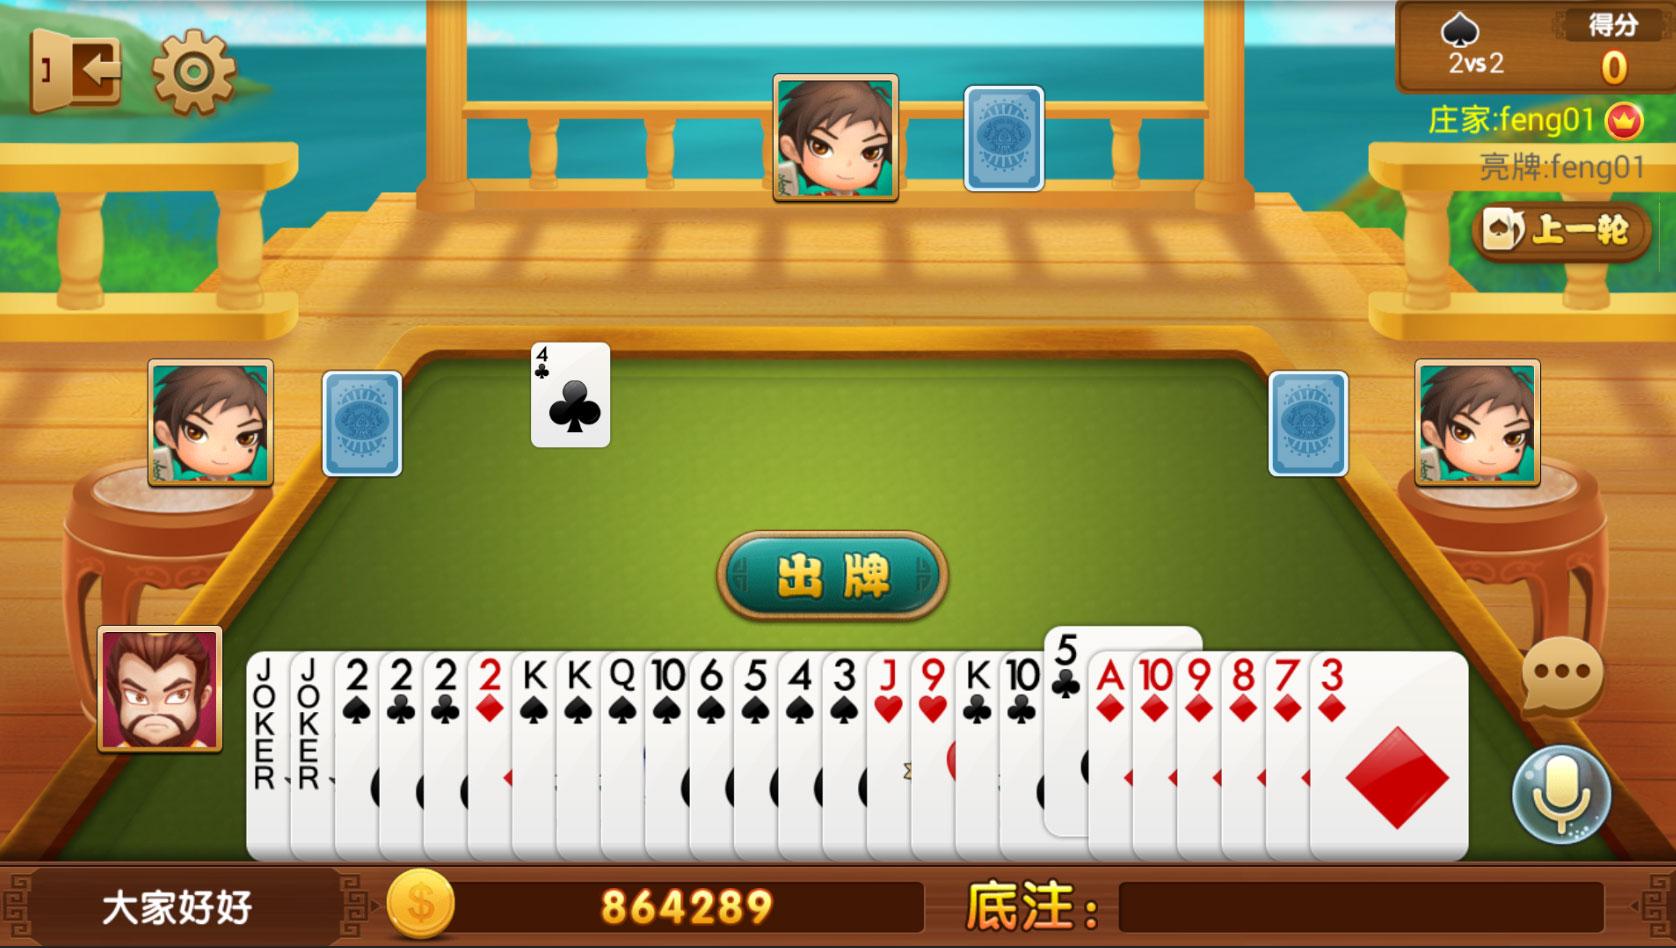 升级棋牌游戏